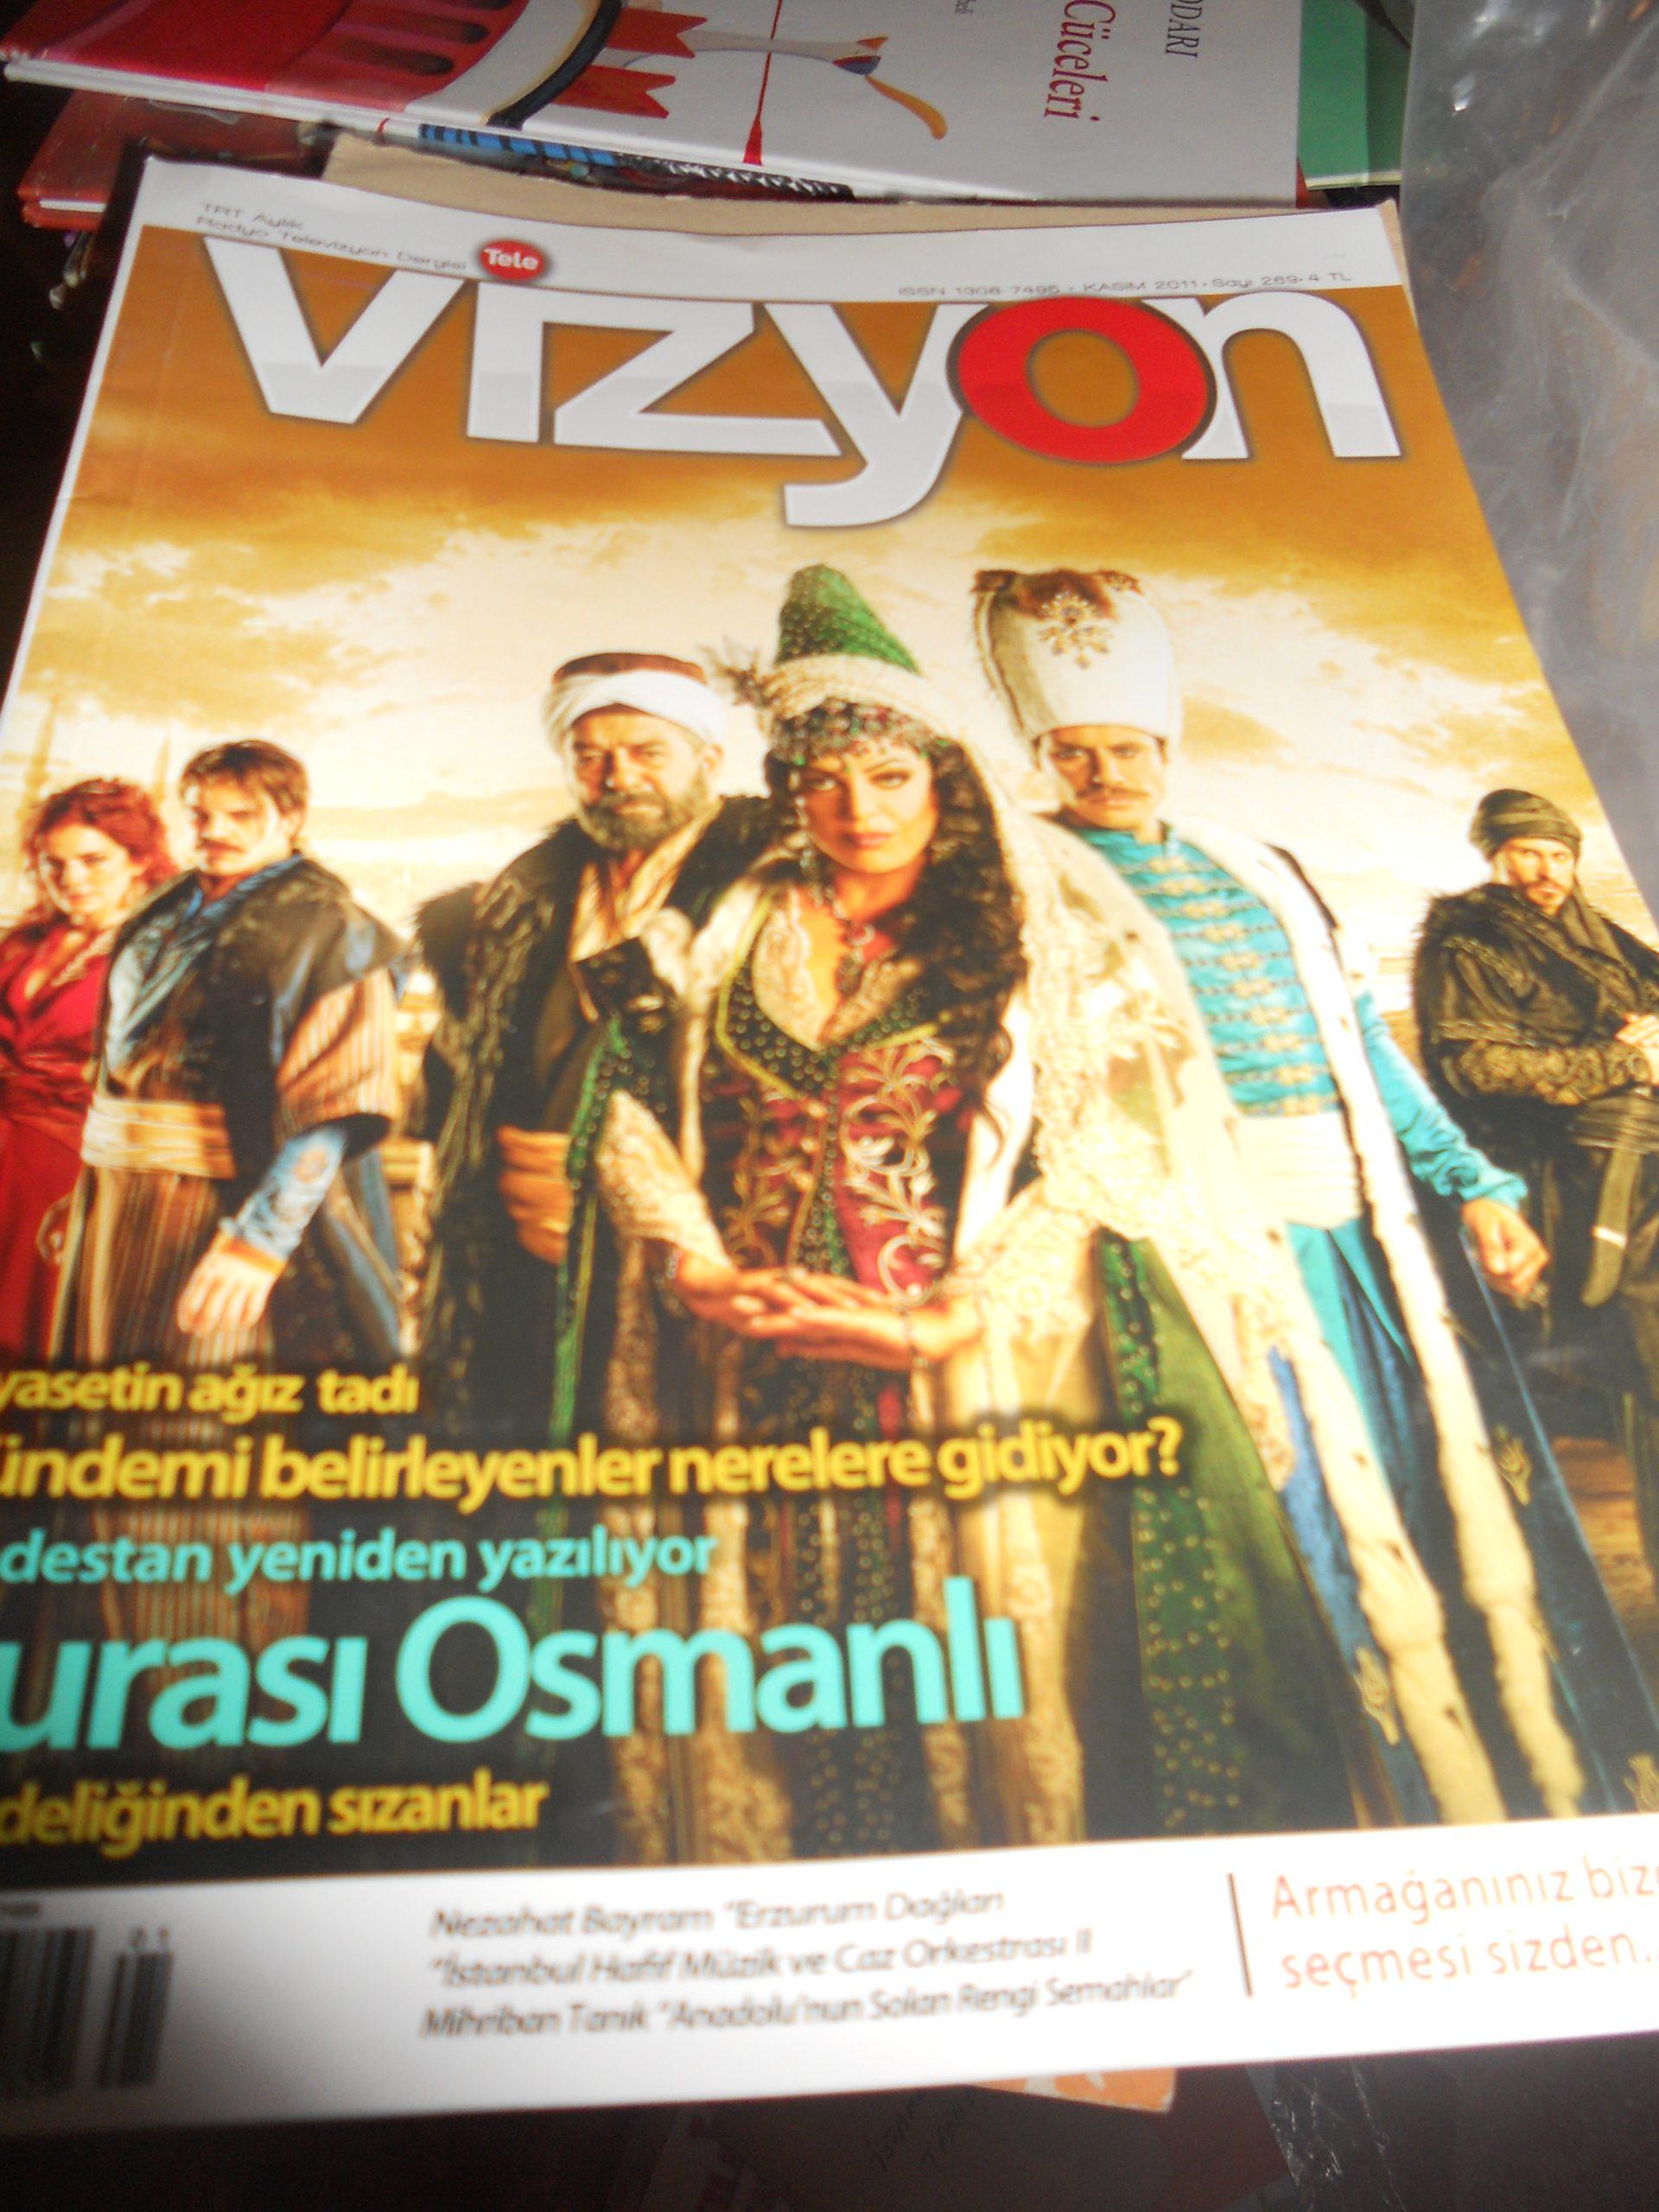 VİZYON/Kasım 2011/ 5 tl